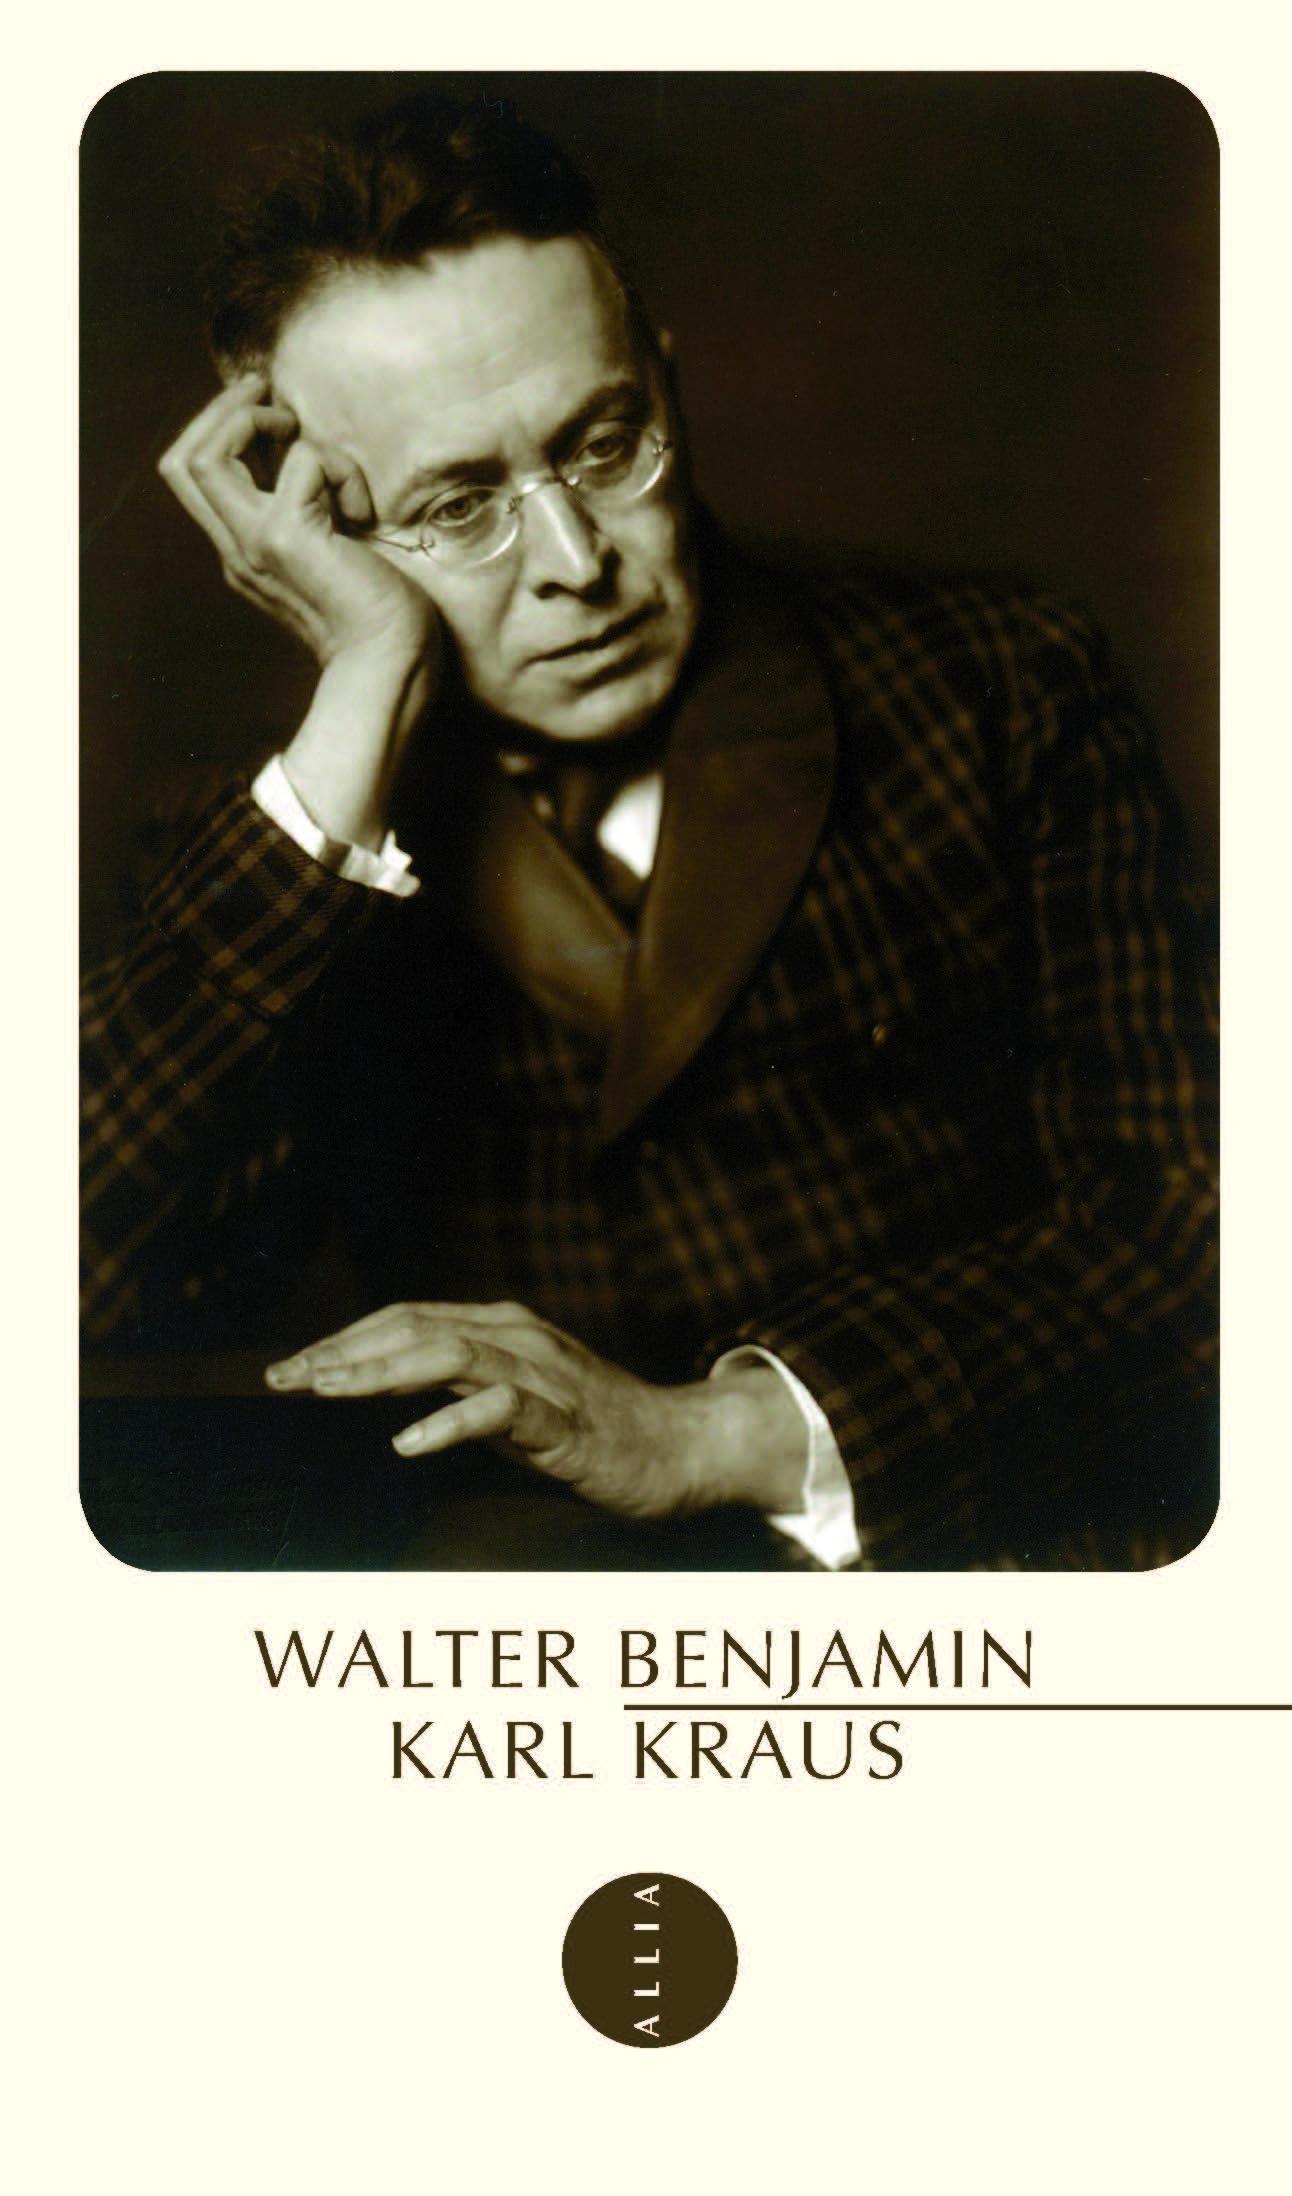 Walter Benjamin, Karl Kraus